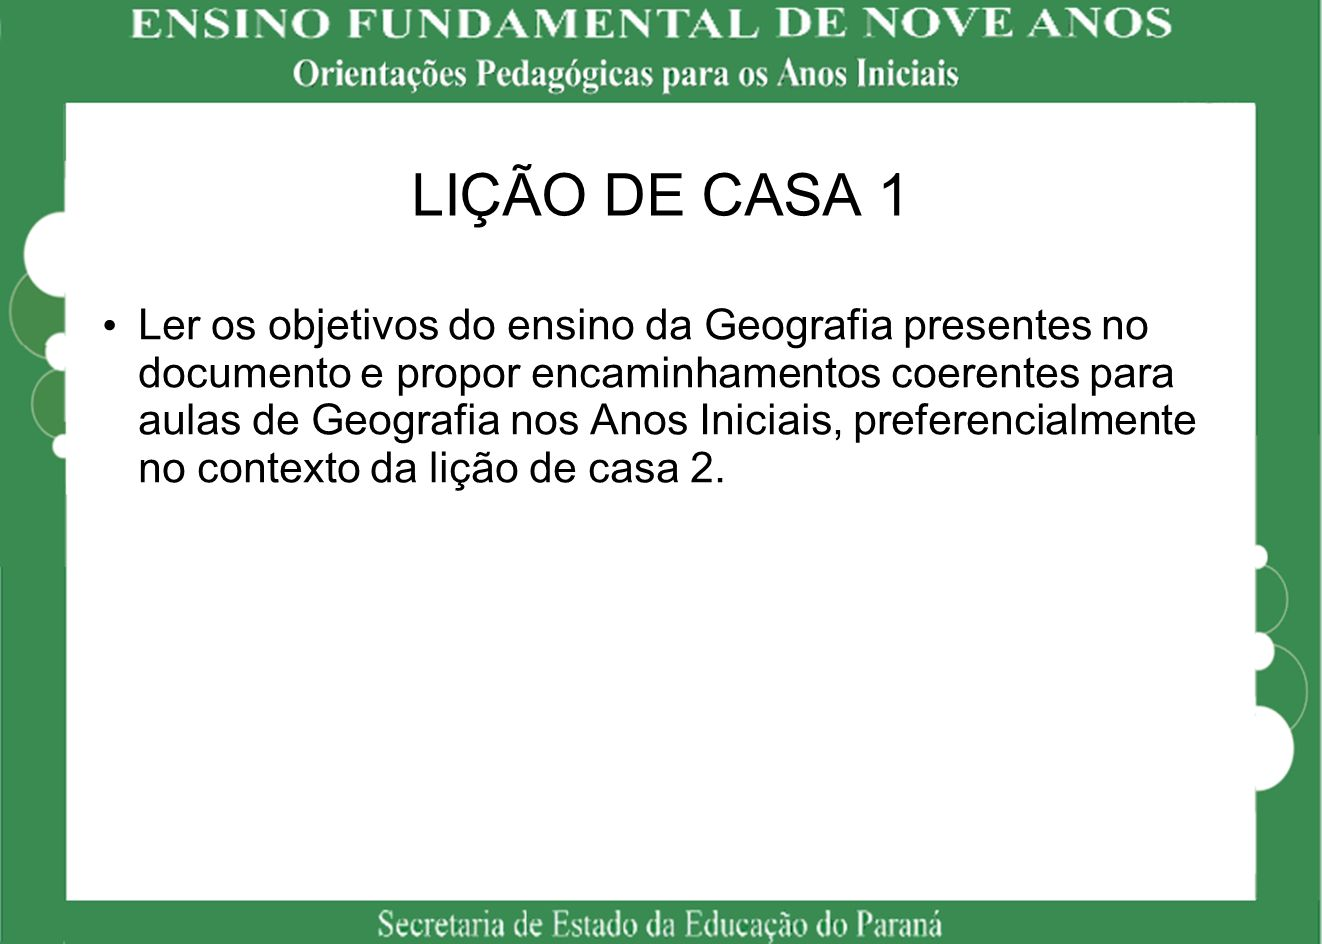 LIÇÃO DE CASA 1